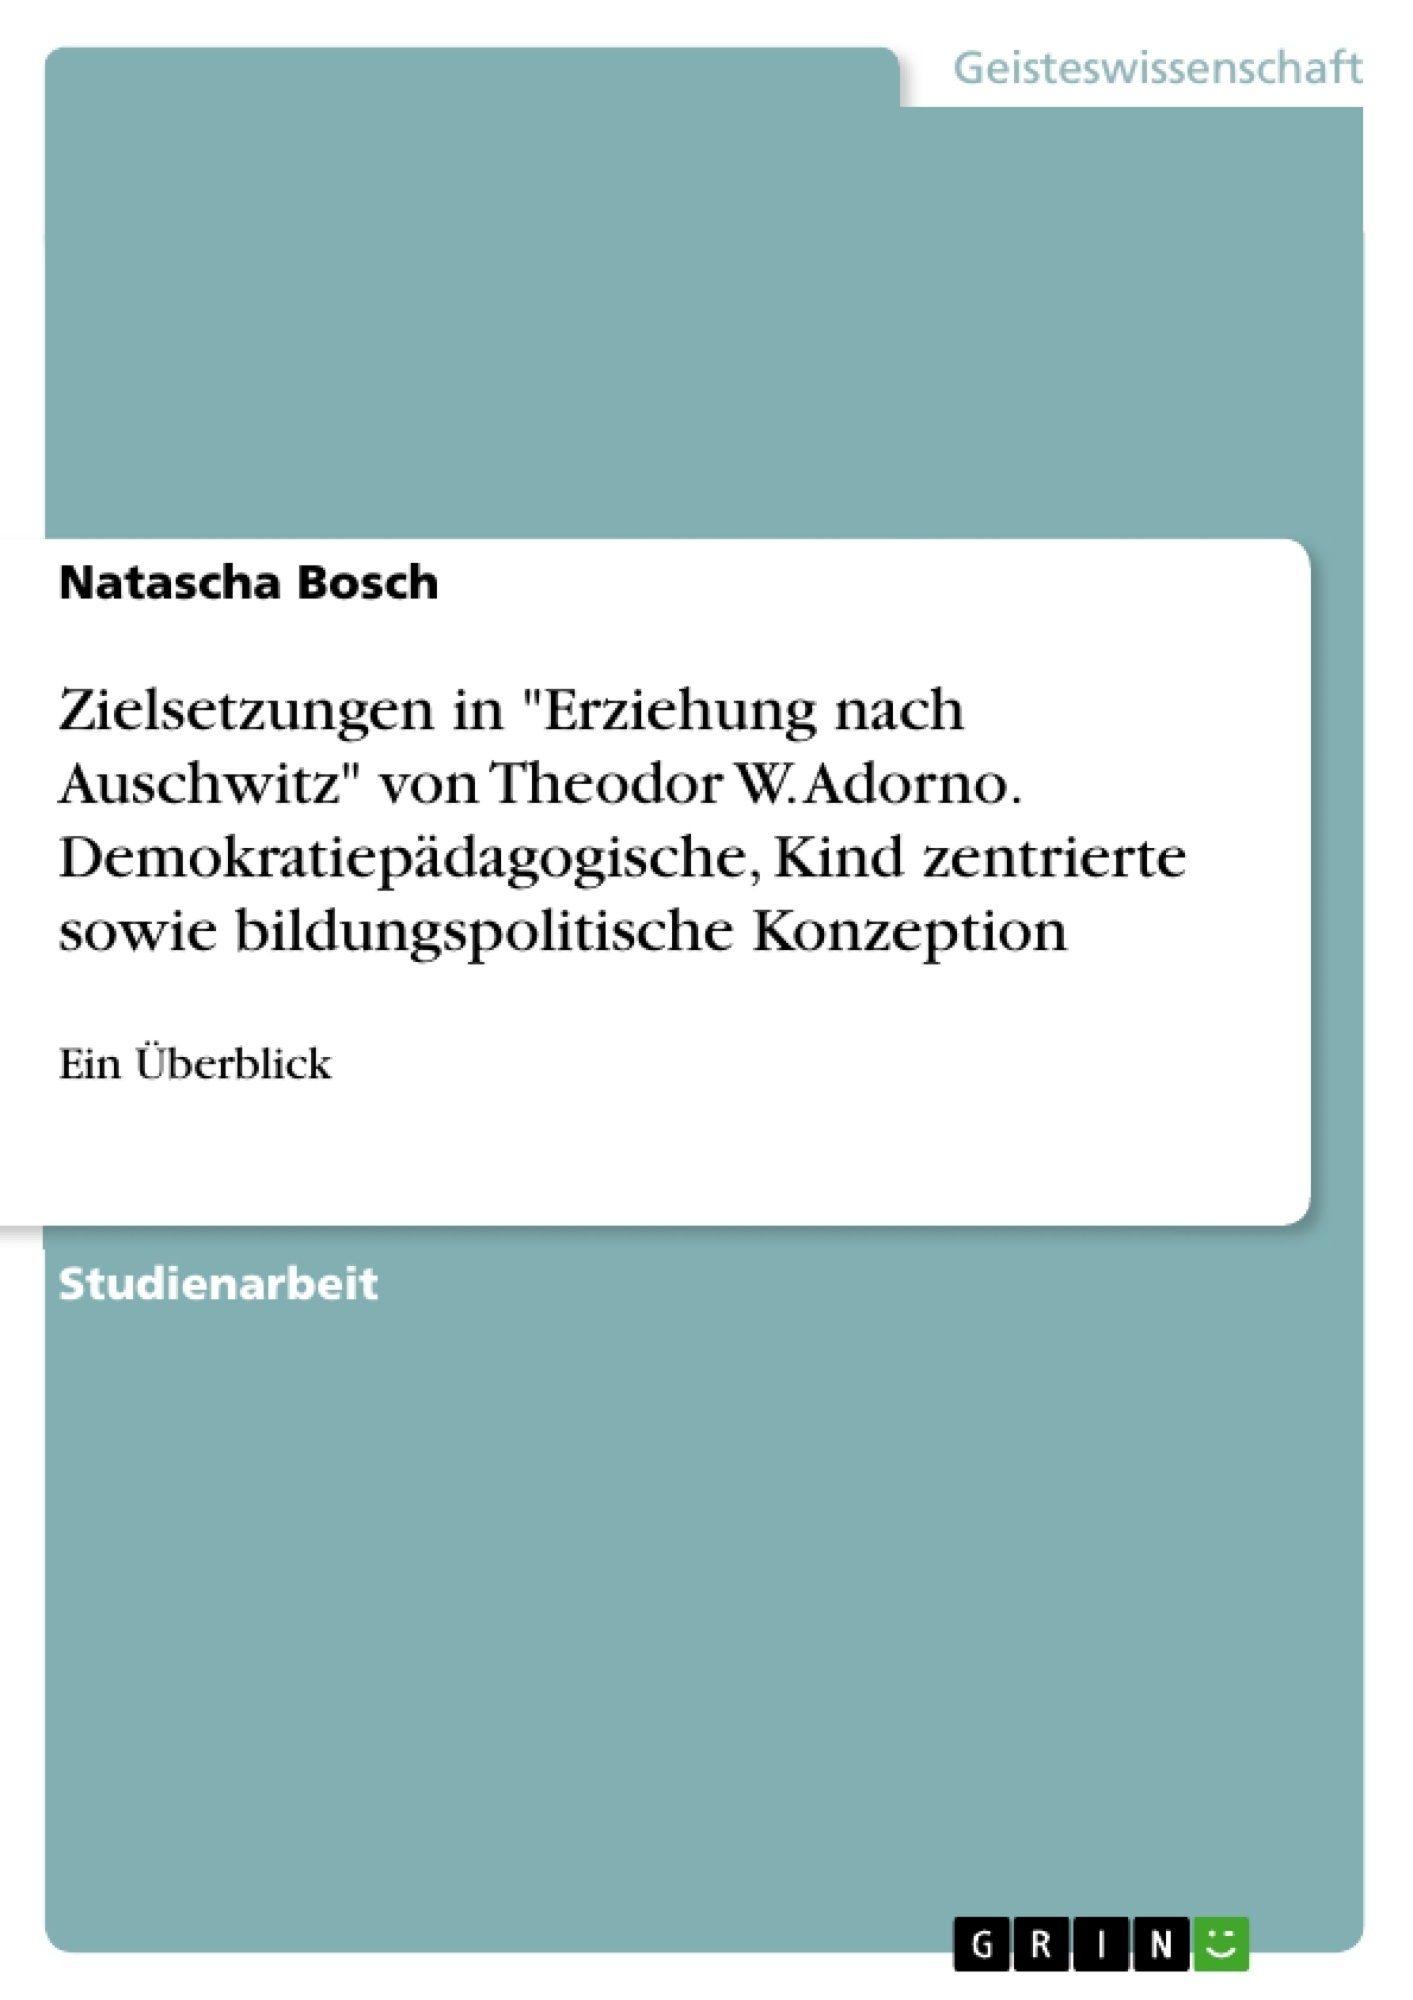 """Titel: Zielsetzungen in """"Erziehung nach Auschwitz"""" von Theodor W. Adorno. Demokratiepädagogische, Kind zentrierte sowie bildungspolitische Konzeption"""